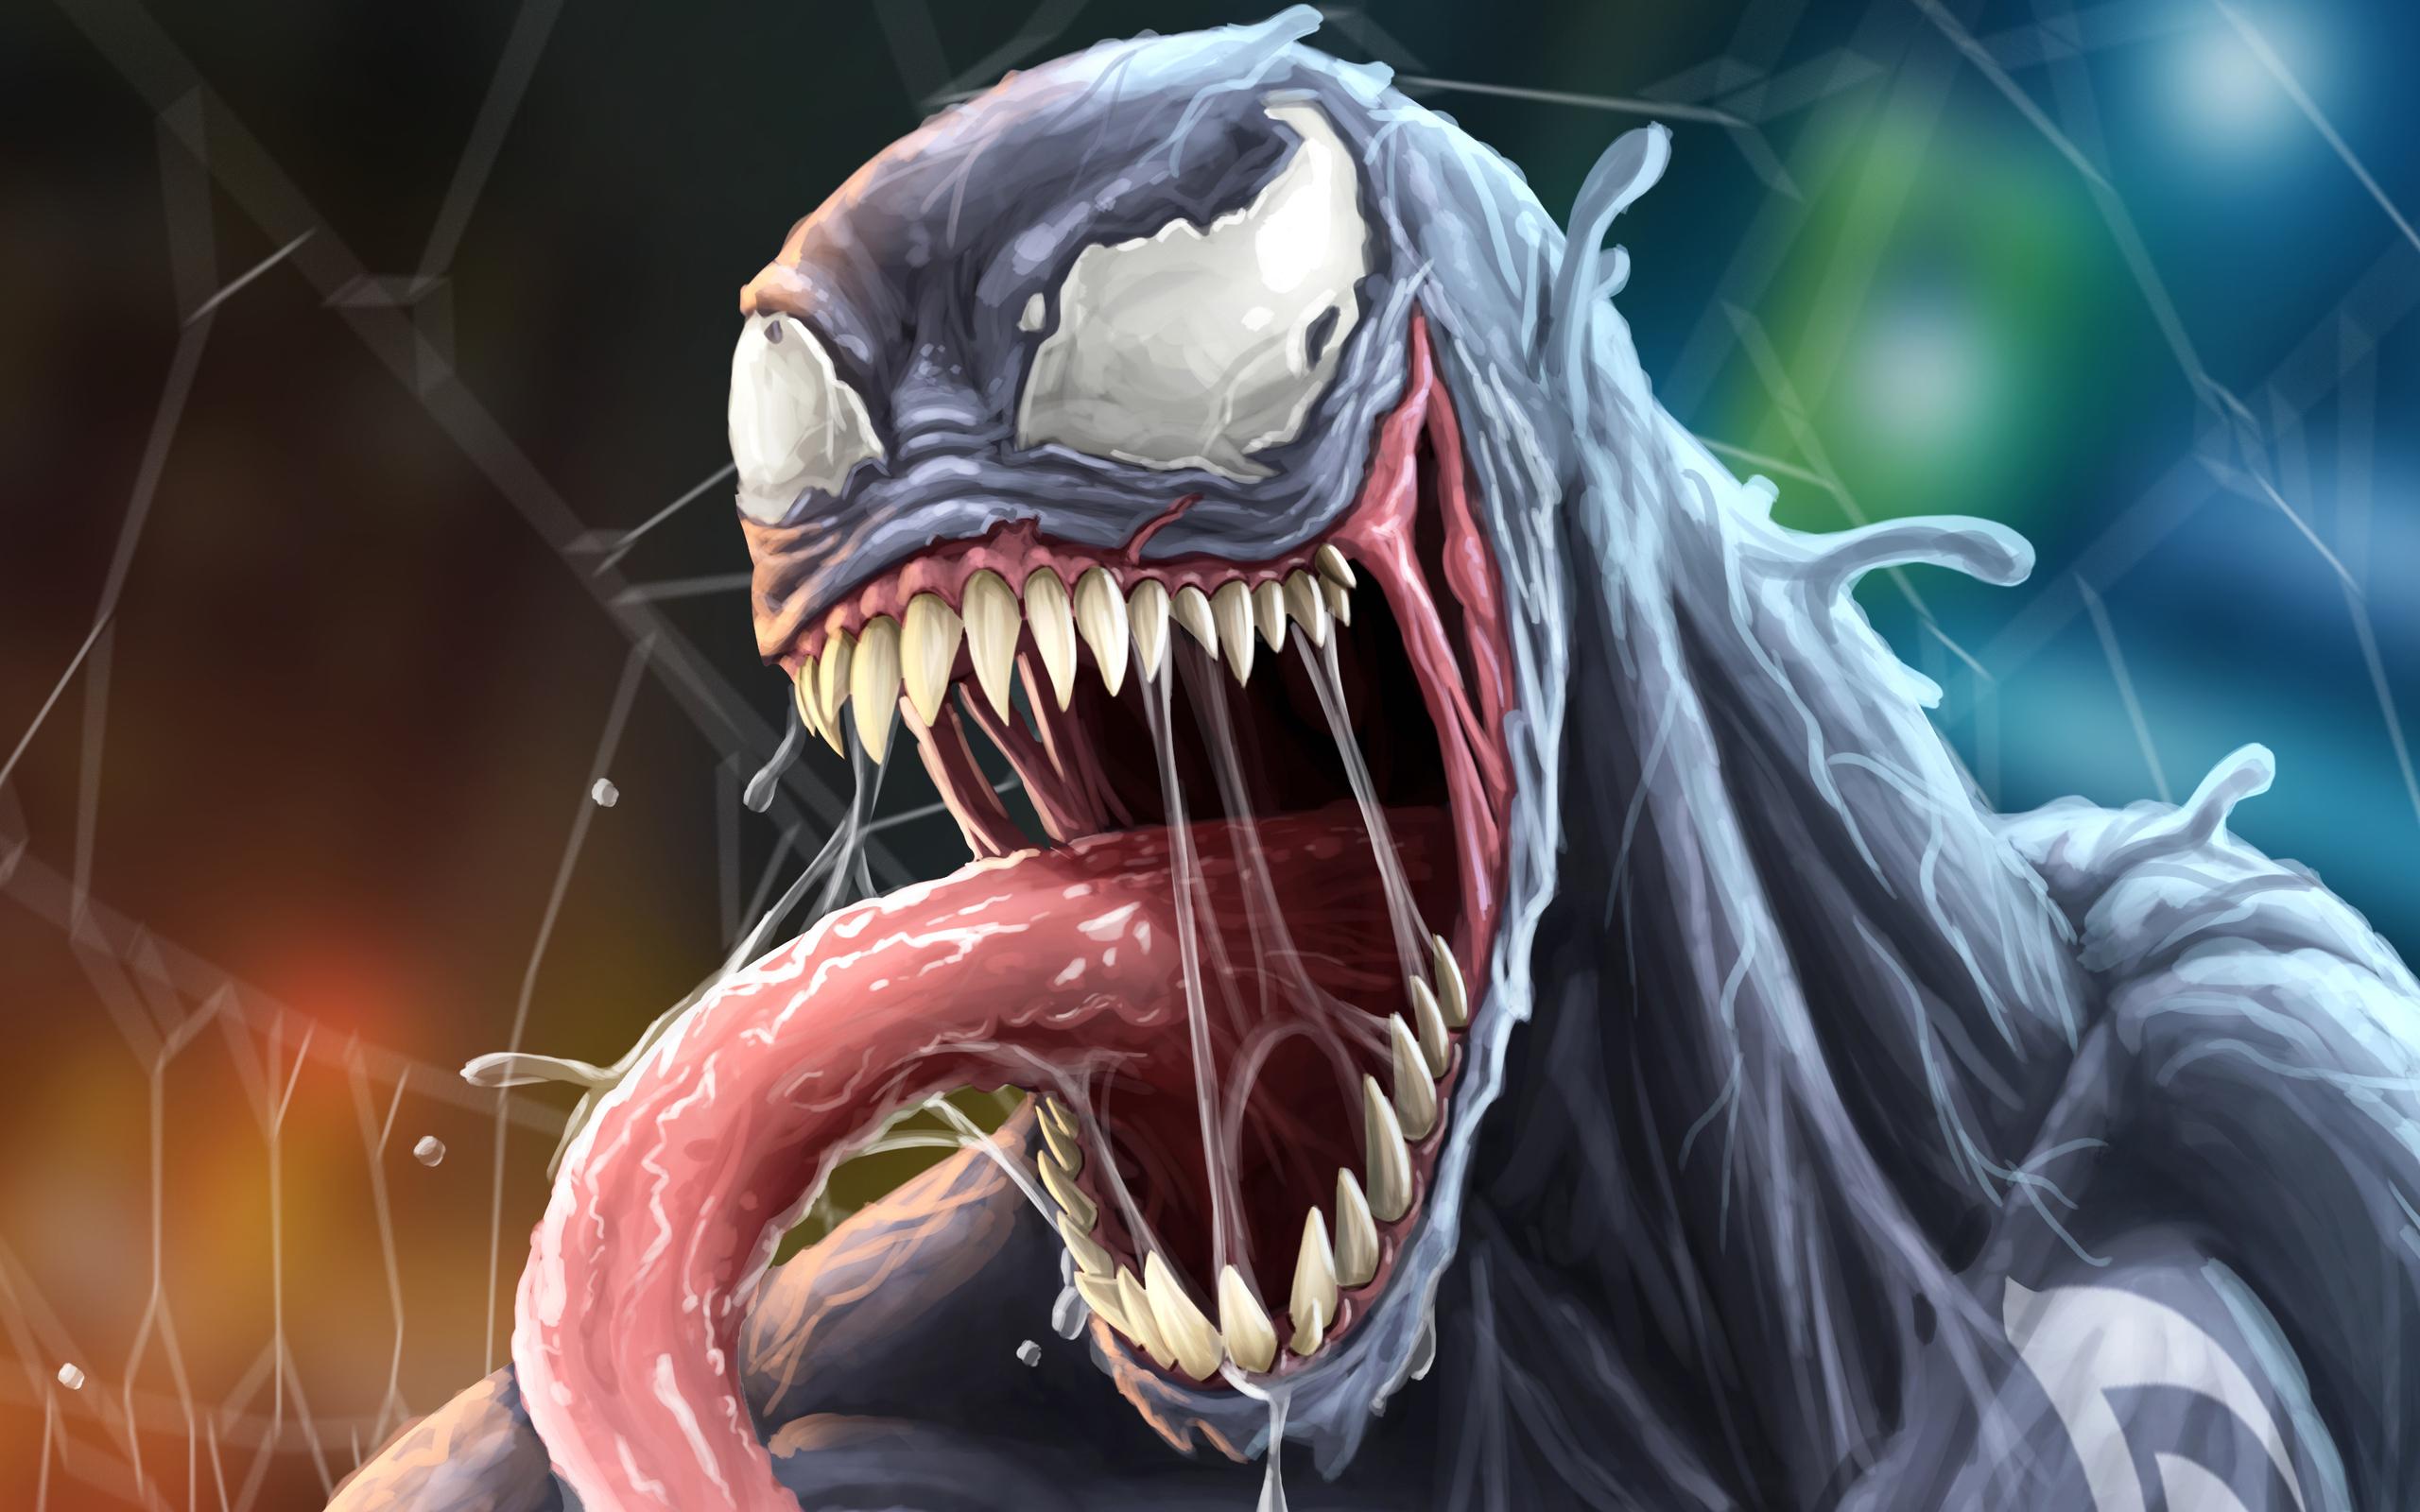 2560x1600 Venom Closeup Face Artwork 4k 2560x1600 ...